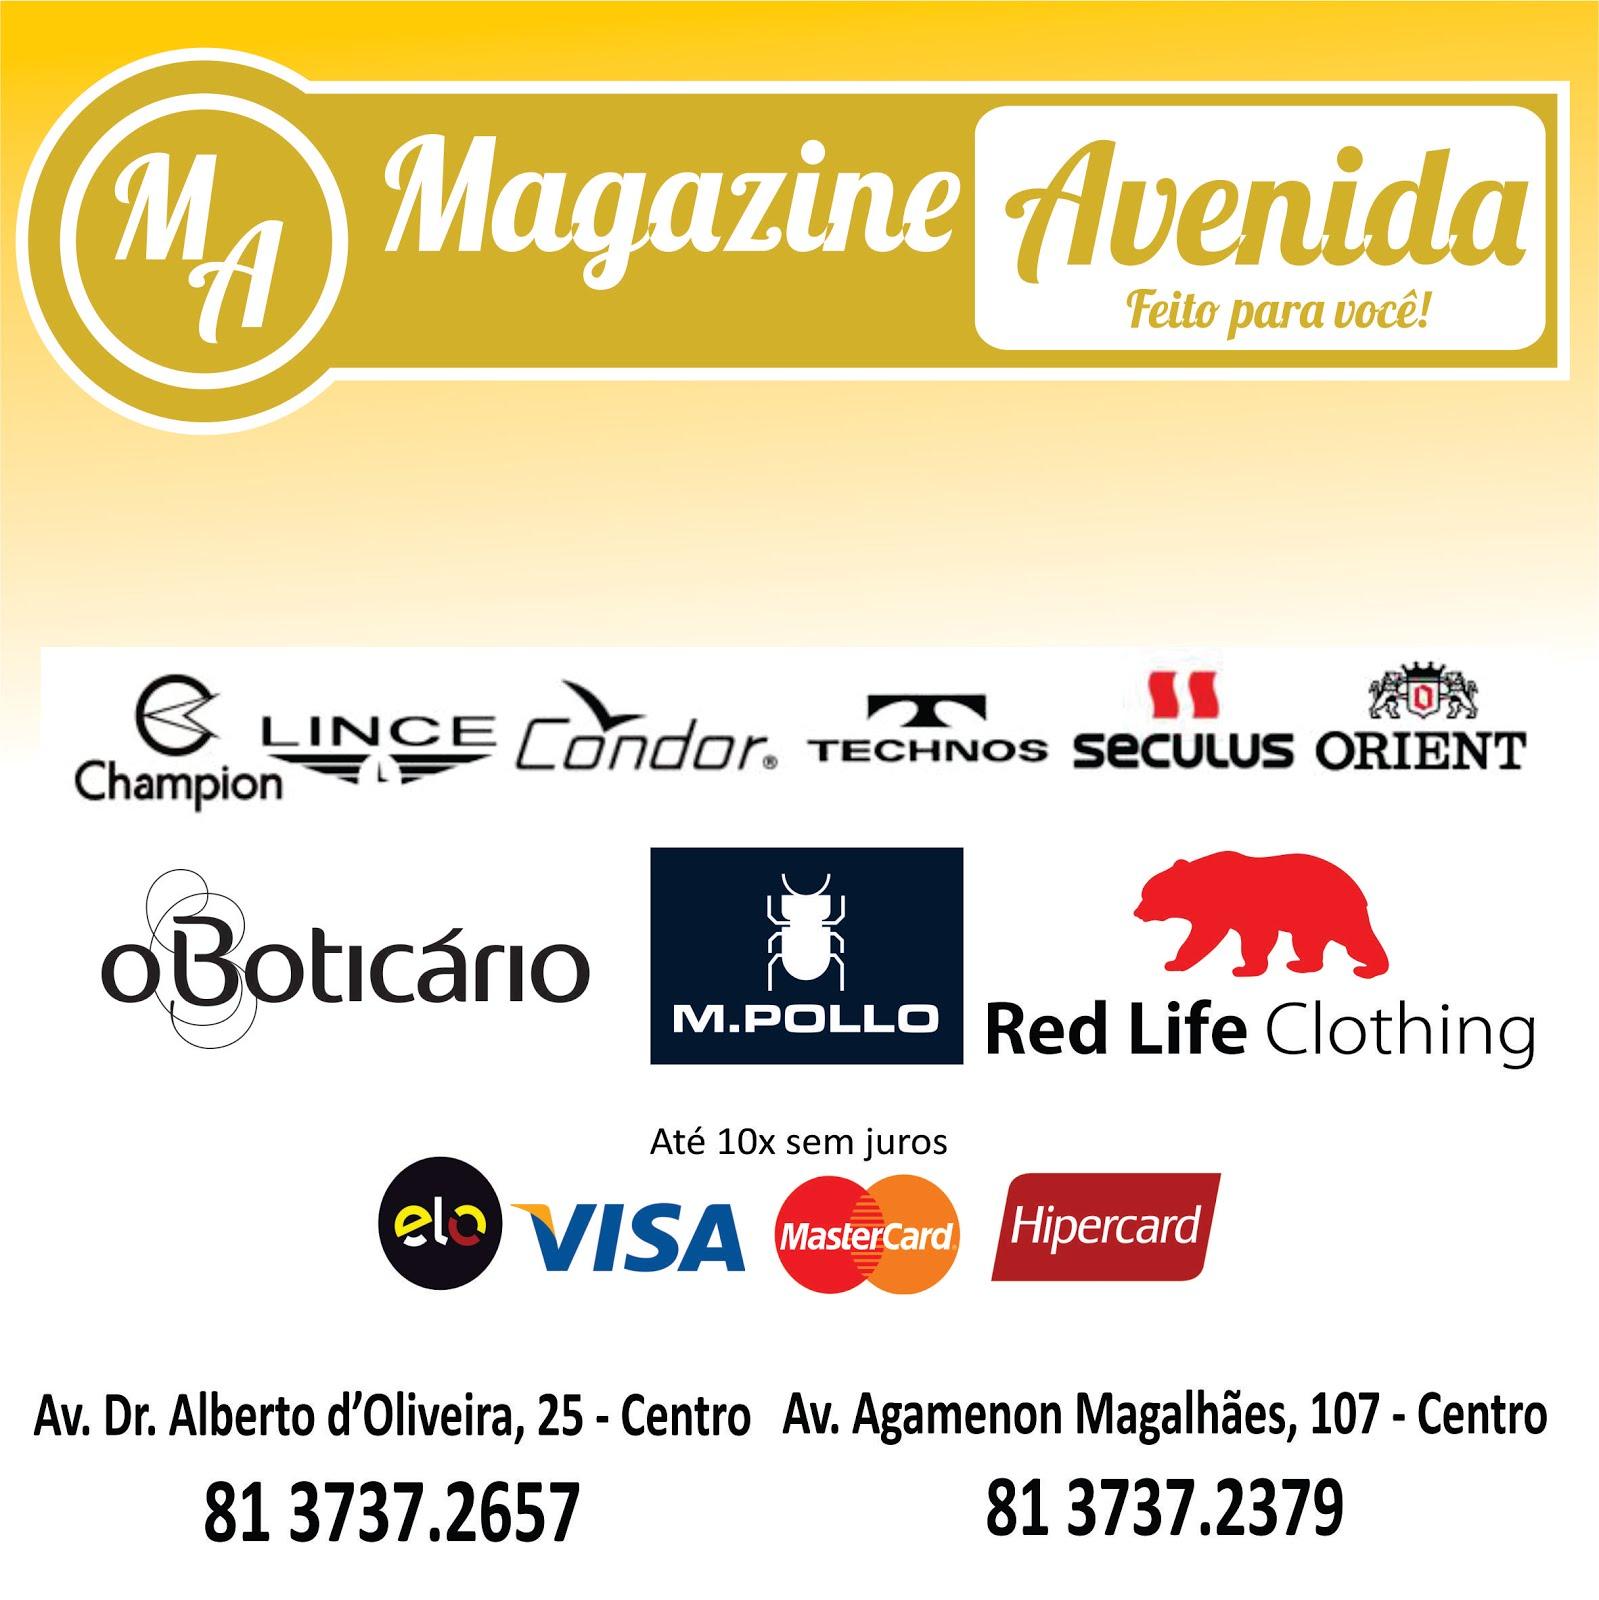 Magazine Avenida - Feito para você!